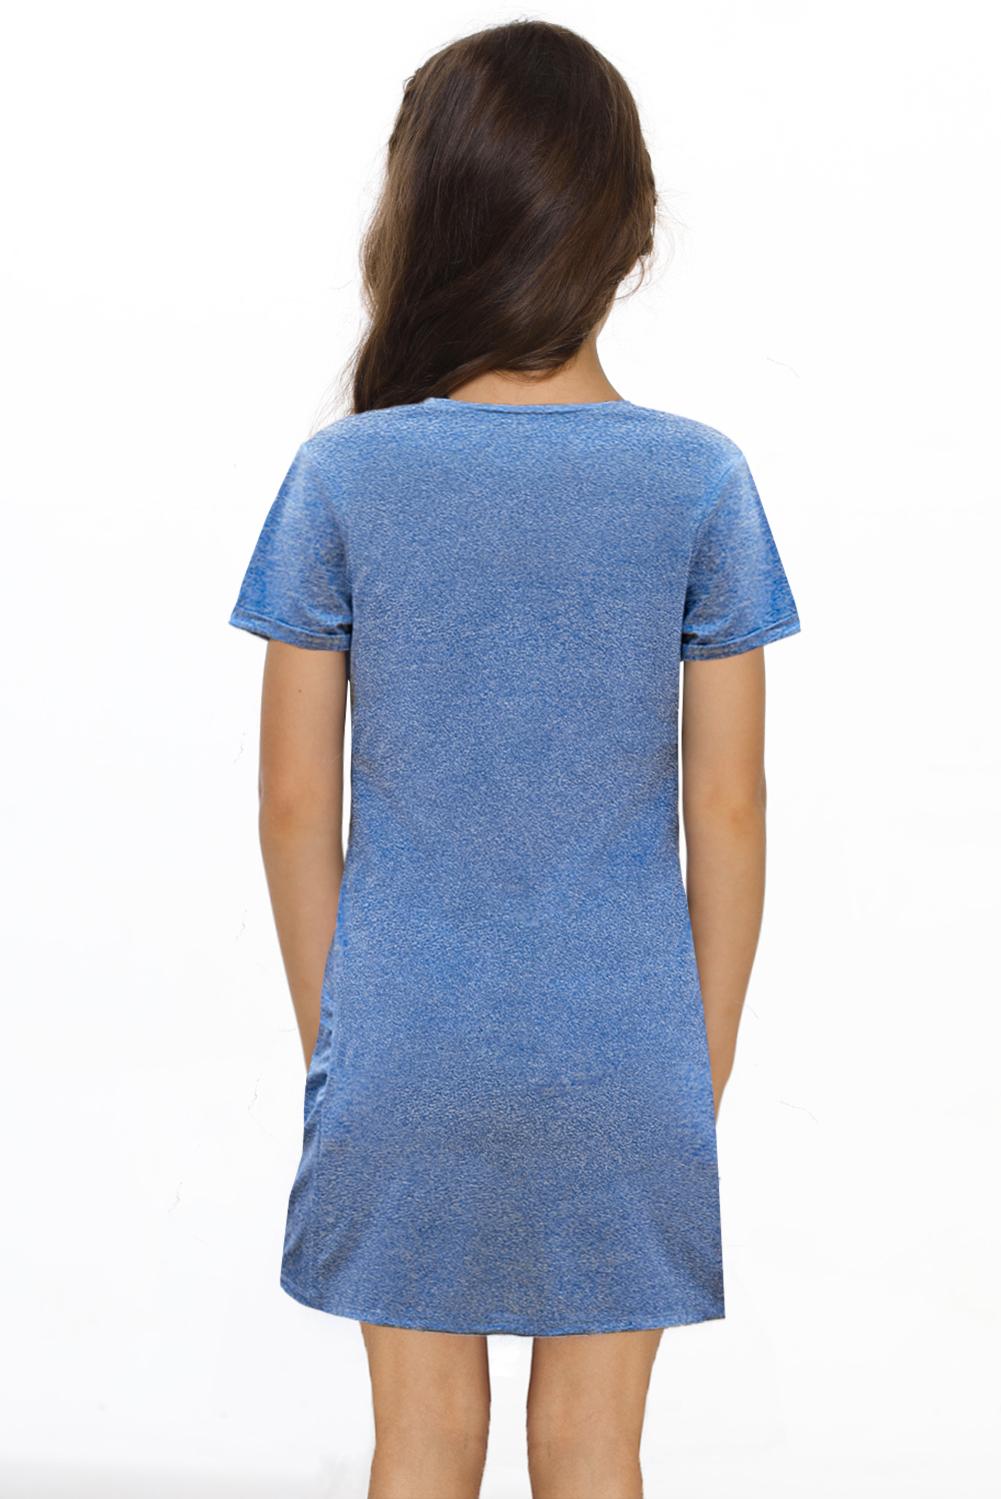 蓝色简约休闲小女孩V领短袖扭褶T恤迷你裙 TZ61107